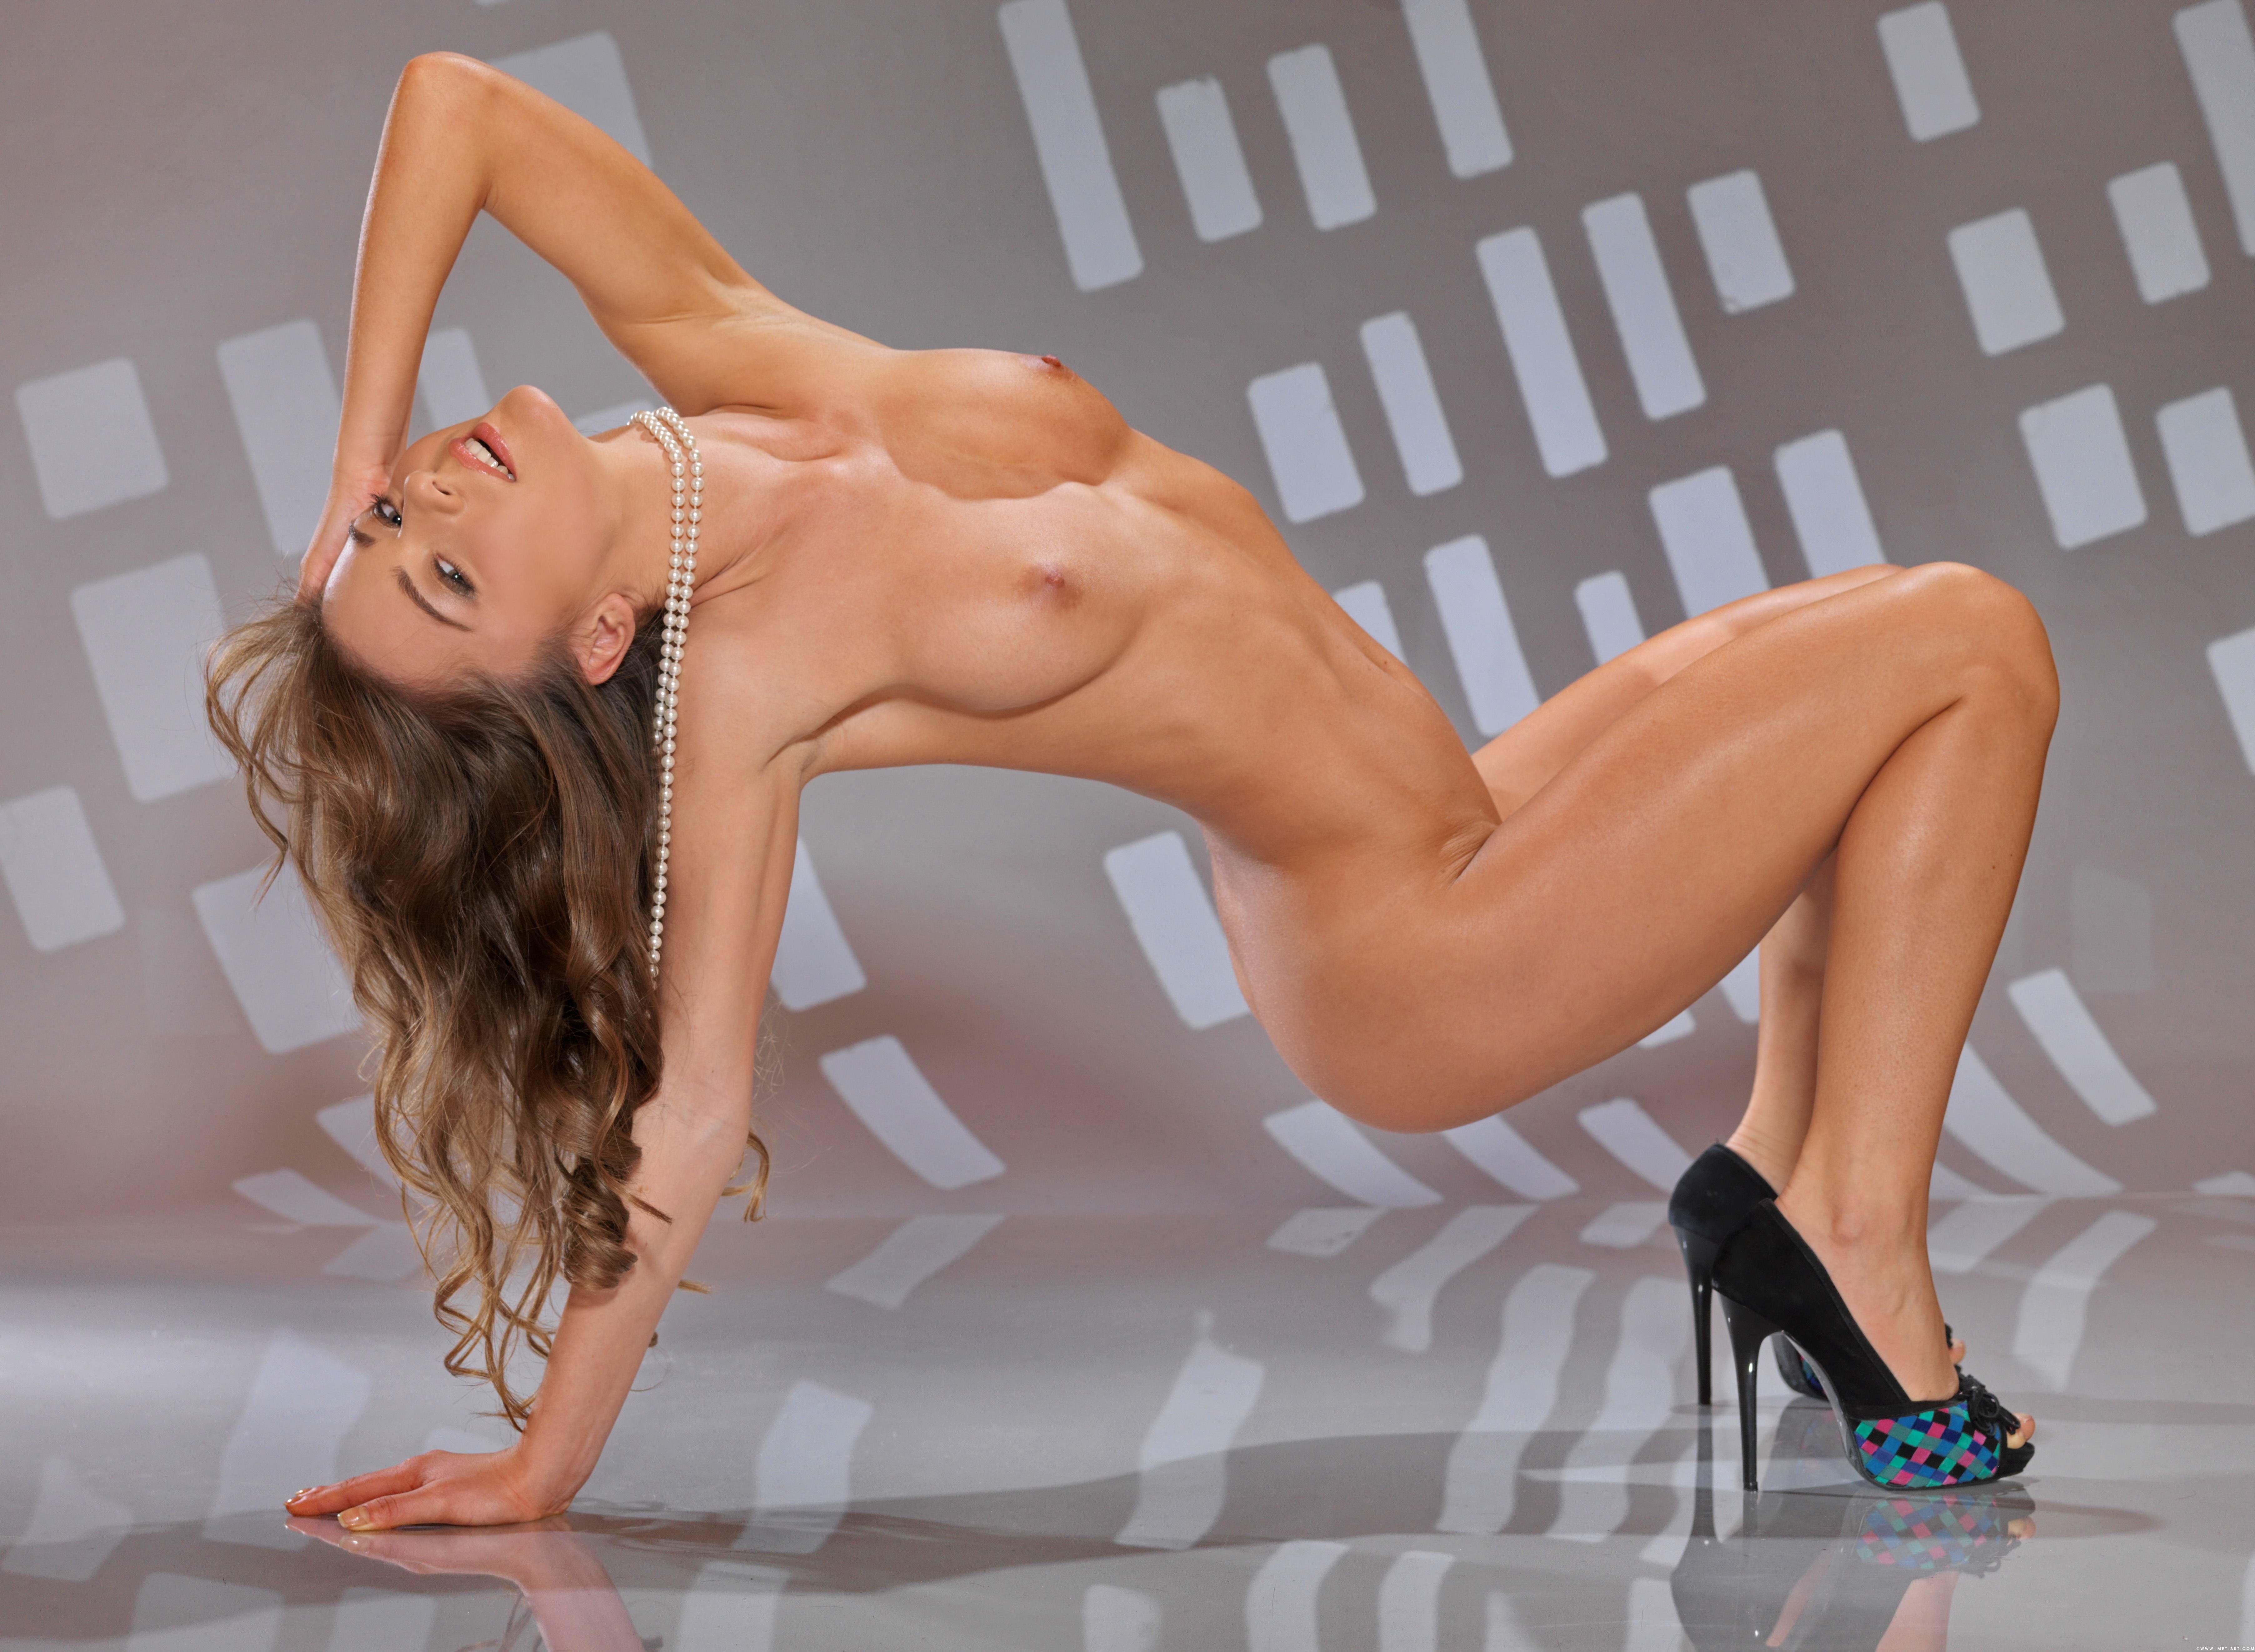 Стройное женское тело порно 6 фотография